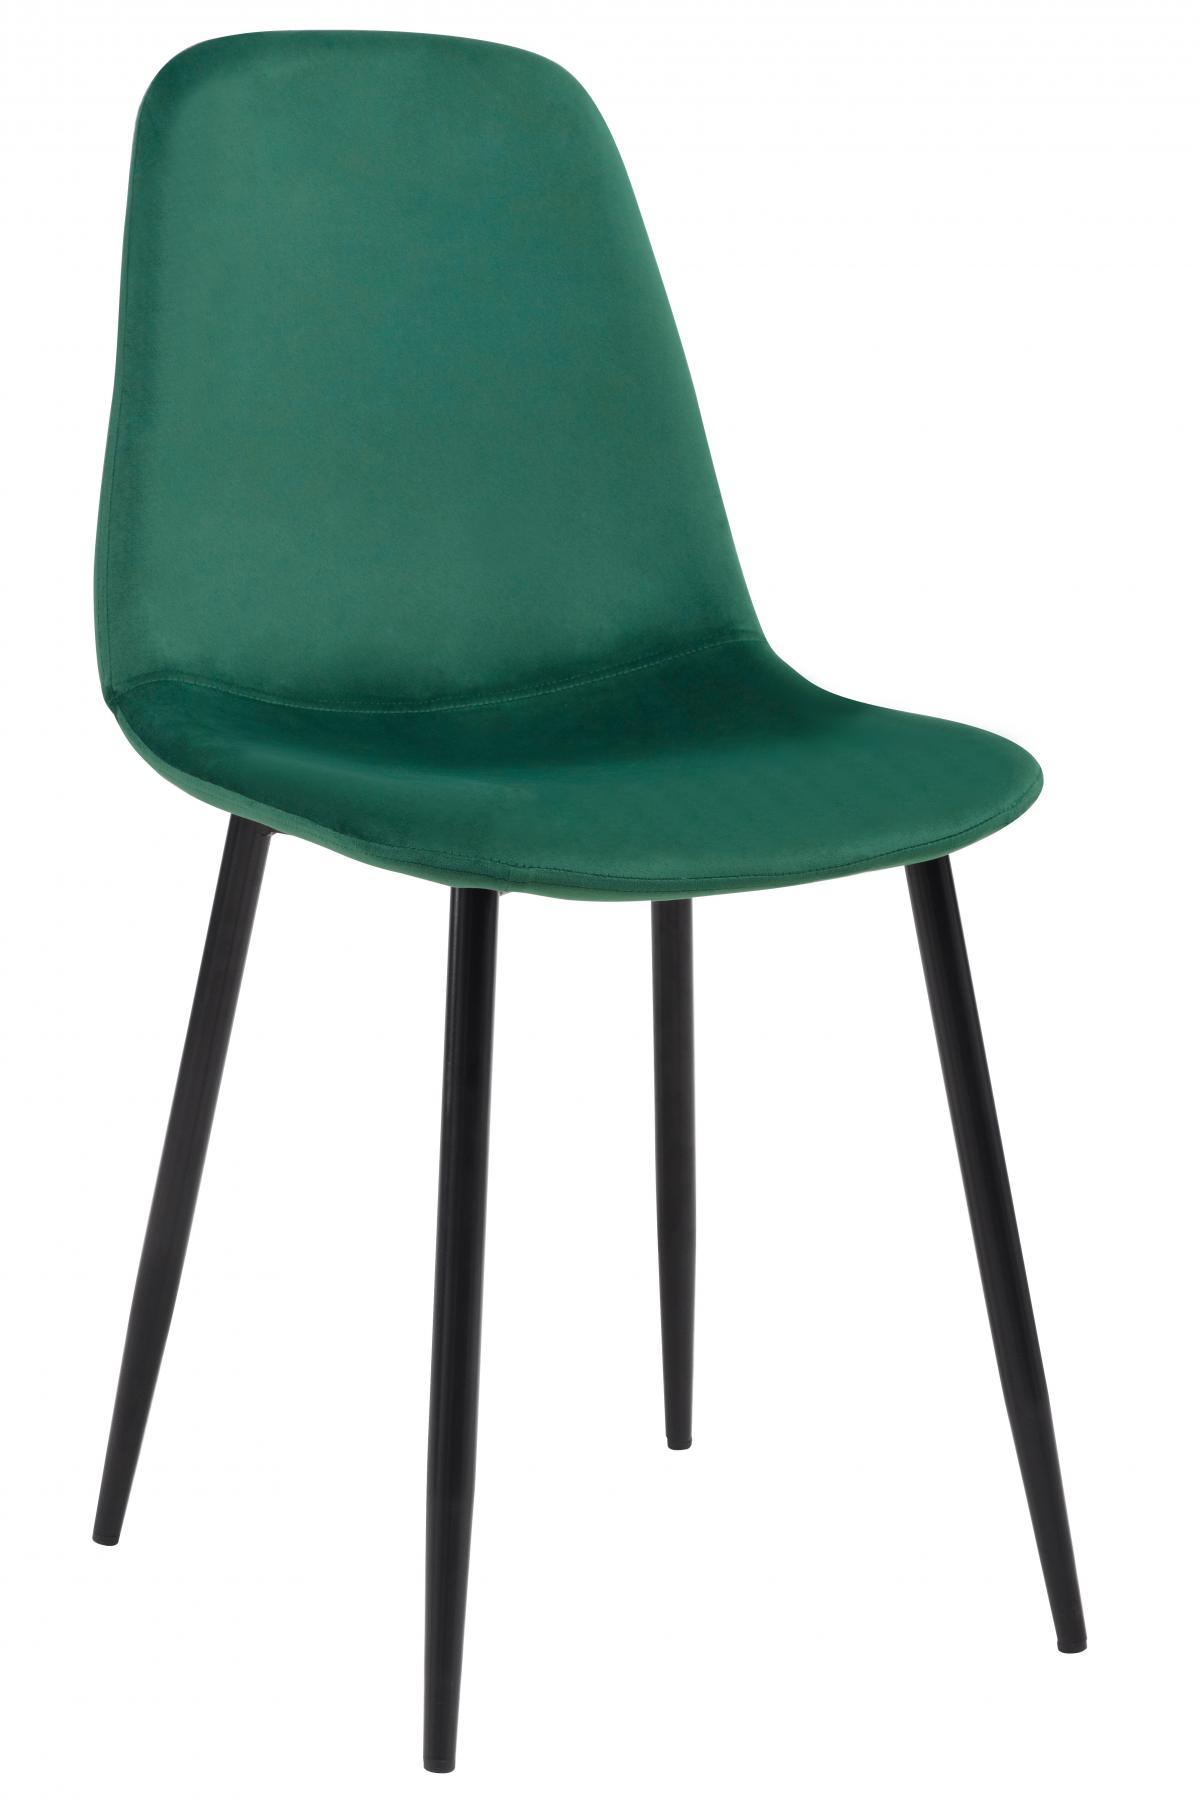 כסא לפינת אוכל דגם SOLNA בד קטיפתי ירוק